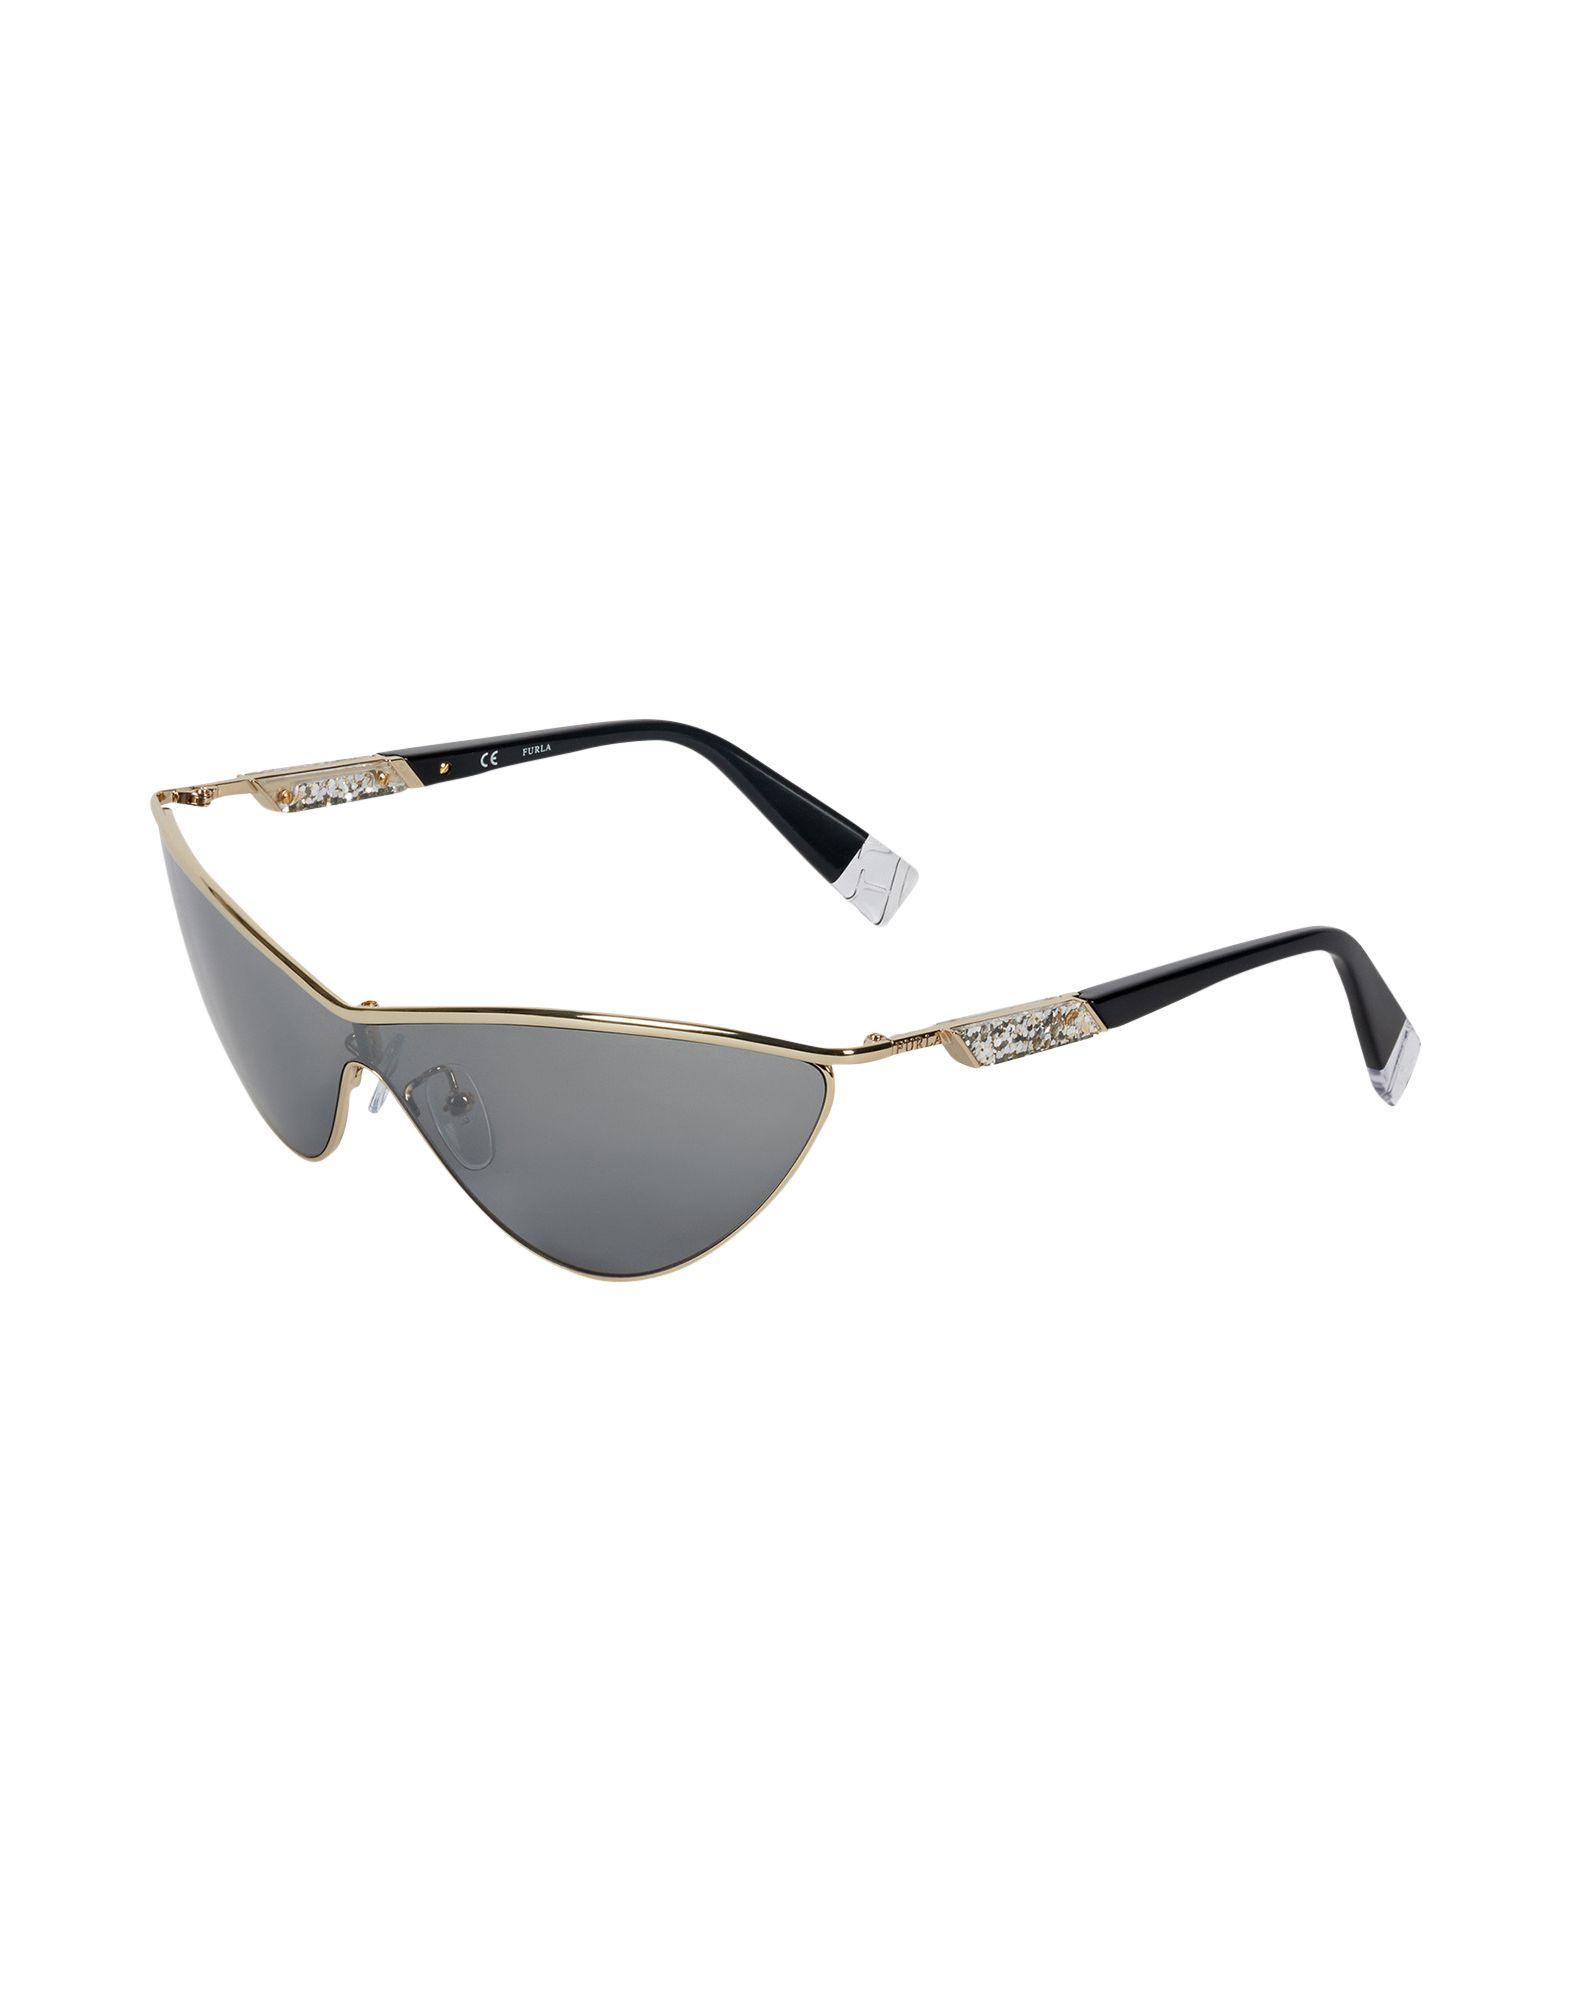 FURLA Солнечные очки звук метров inmix 2472 памяти металла очки мужской моды тенденция ретро очки кадр очки кадр черный